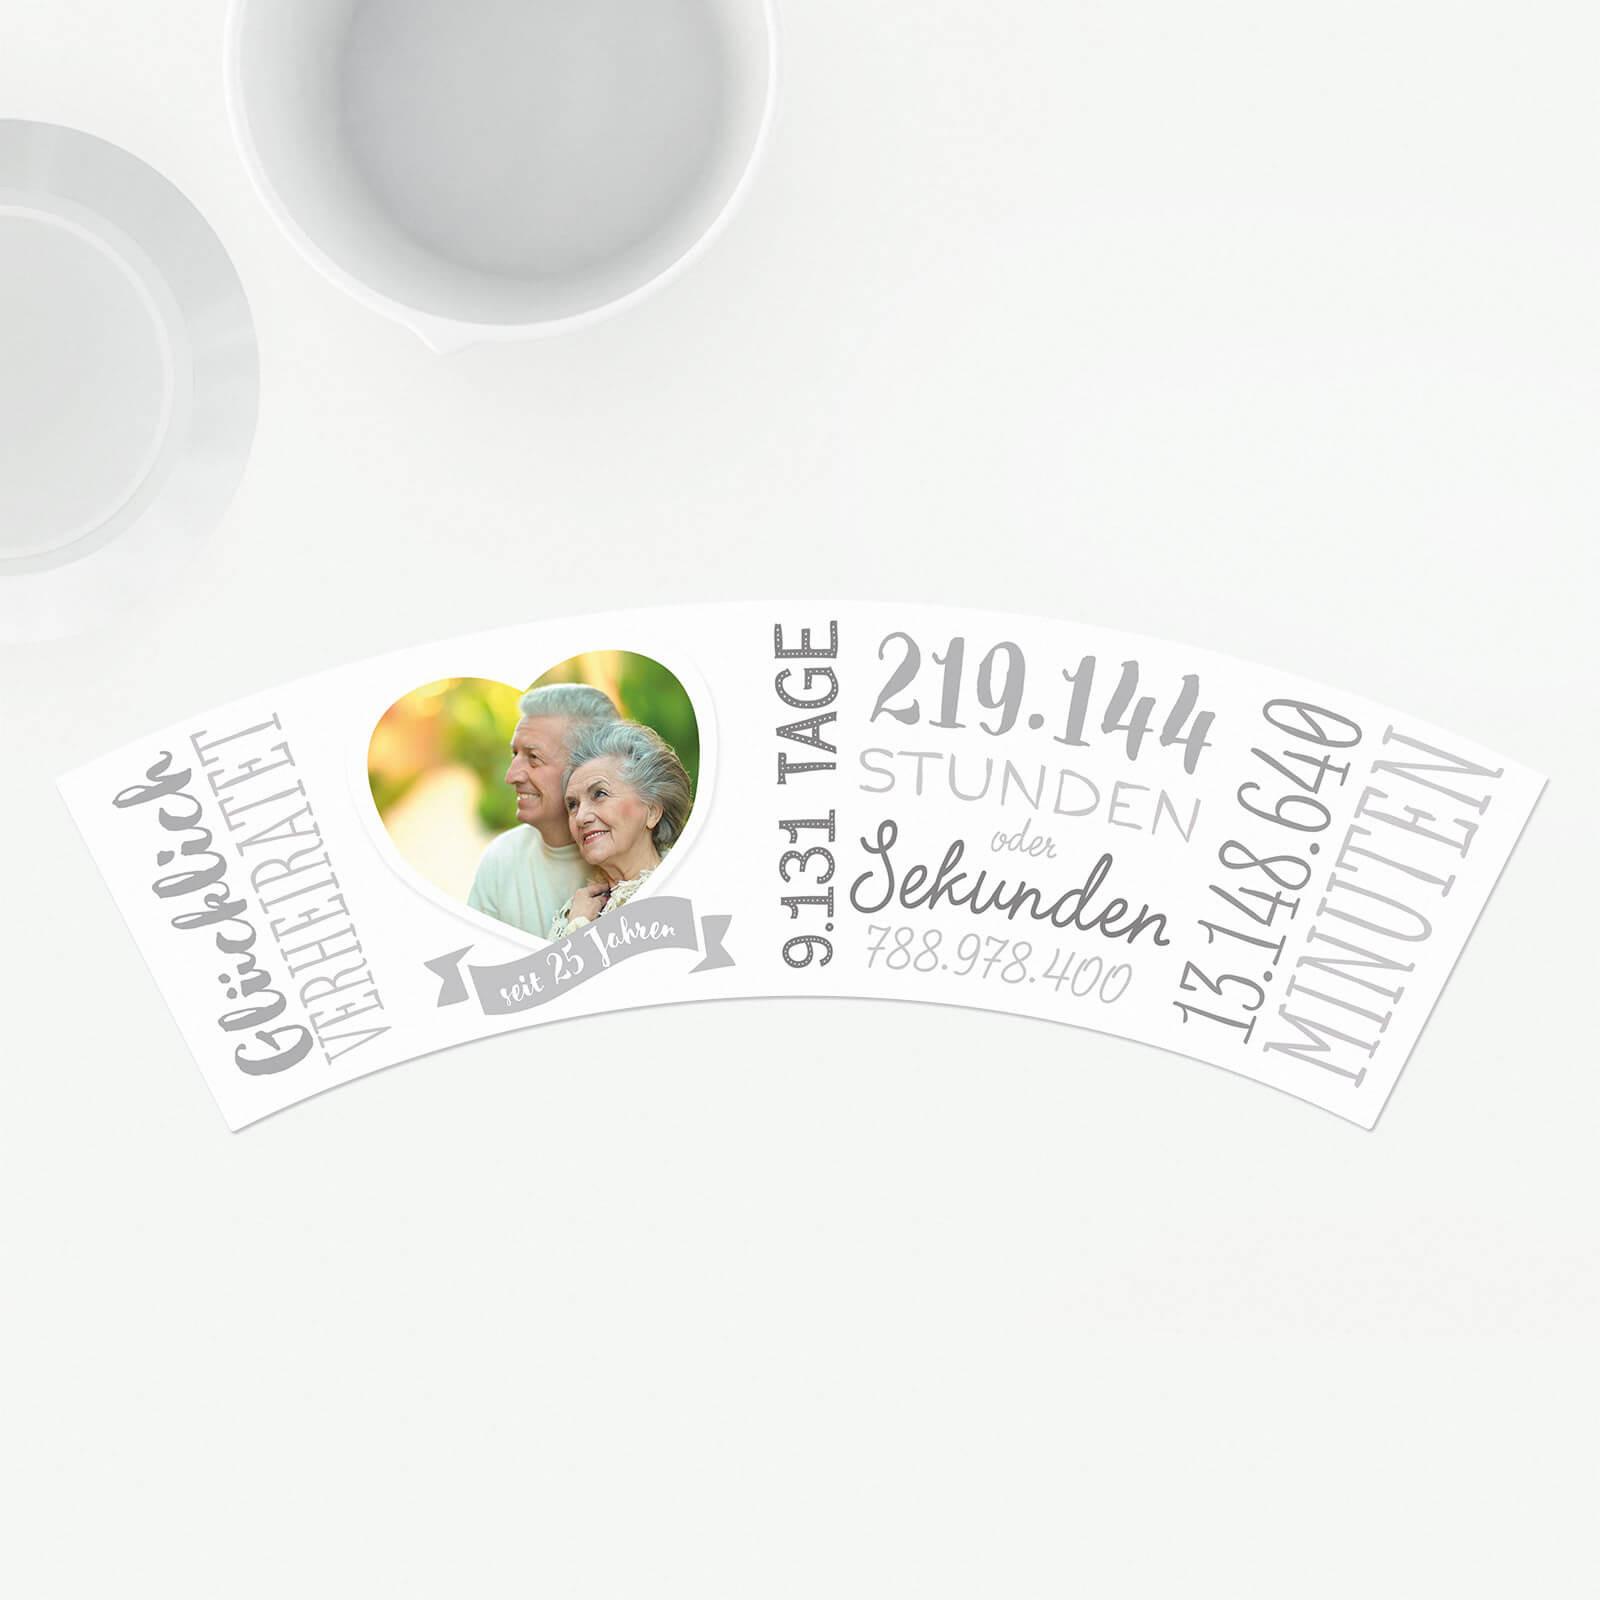 Geschenke Zum 25 Hochzeitstag  25 Hochzeitstag Silberne Hochzeit – Blumentopf von